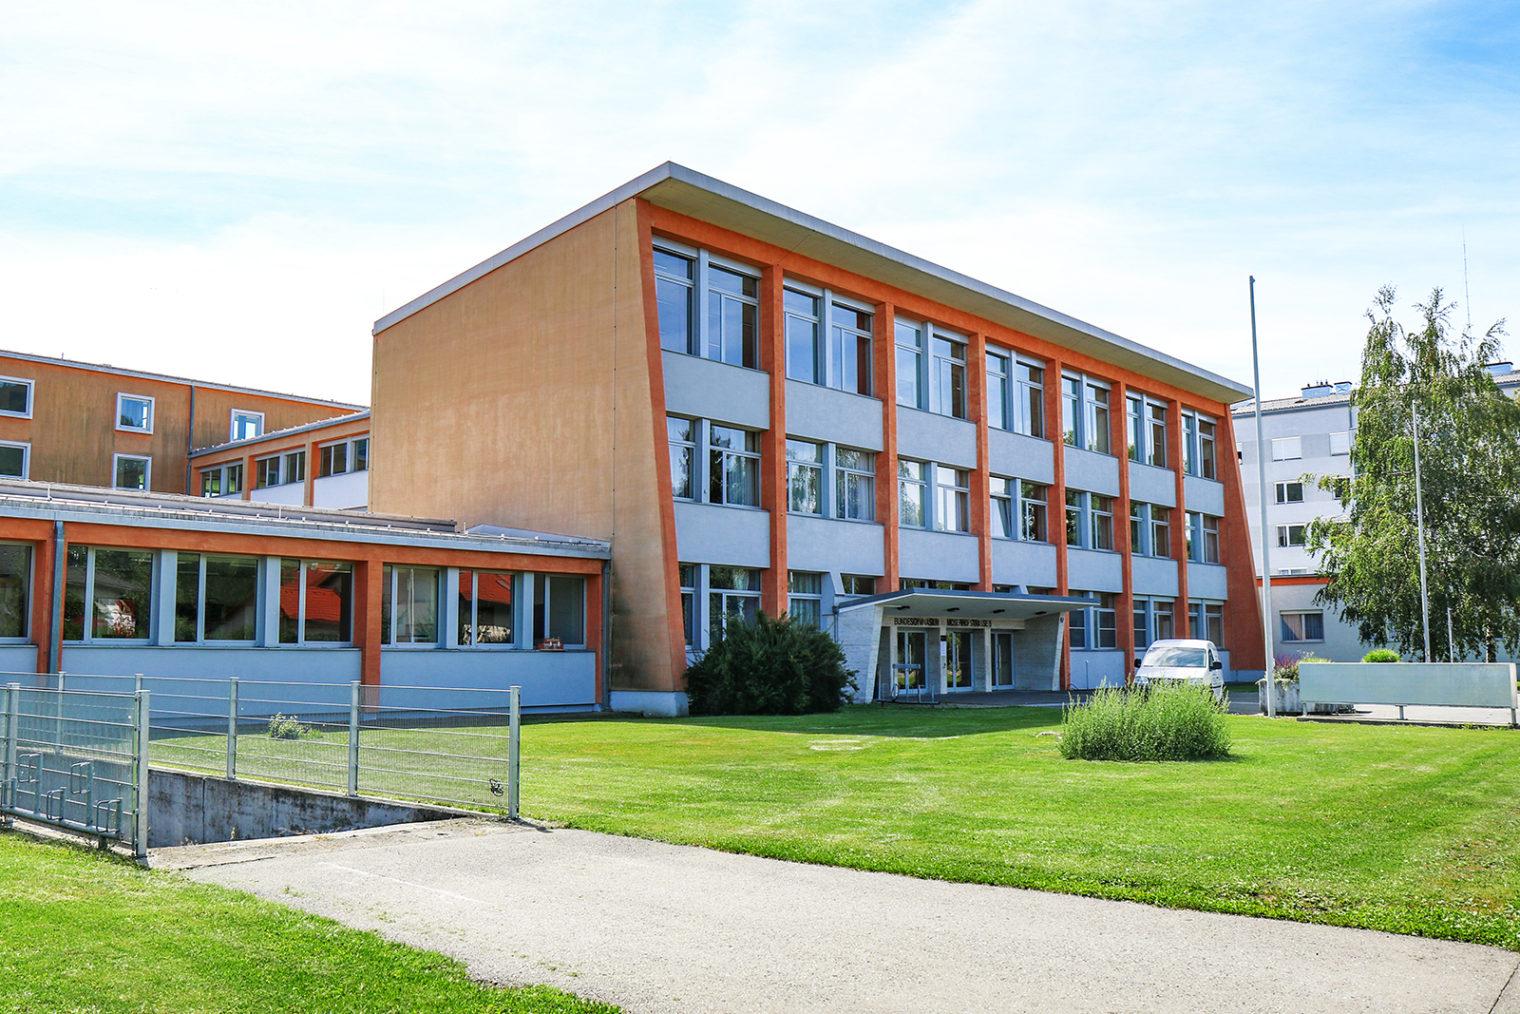 Frontansicht des Alten Gymnasium Leoben